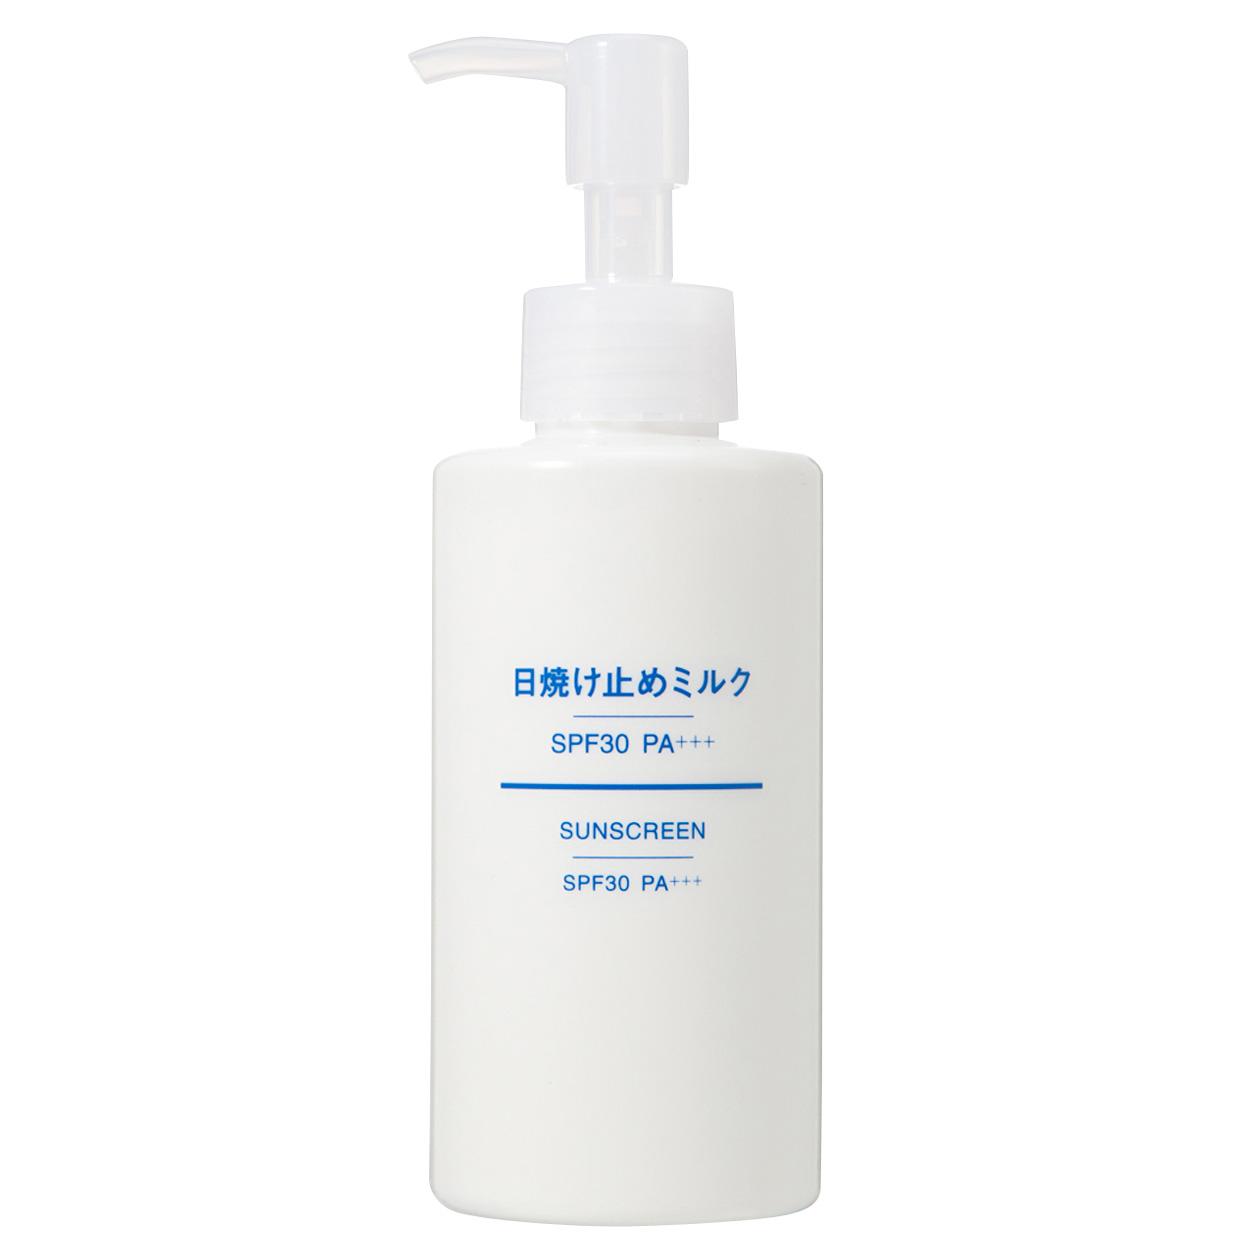 Muji-Sunscreen-Milk